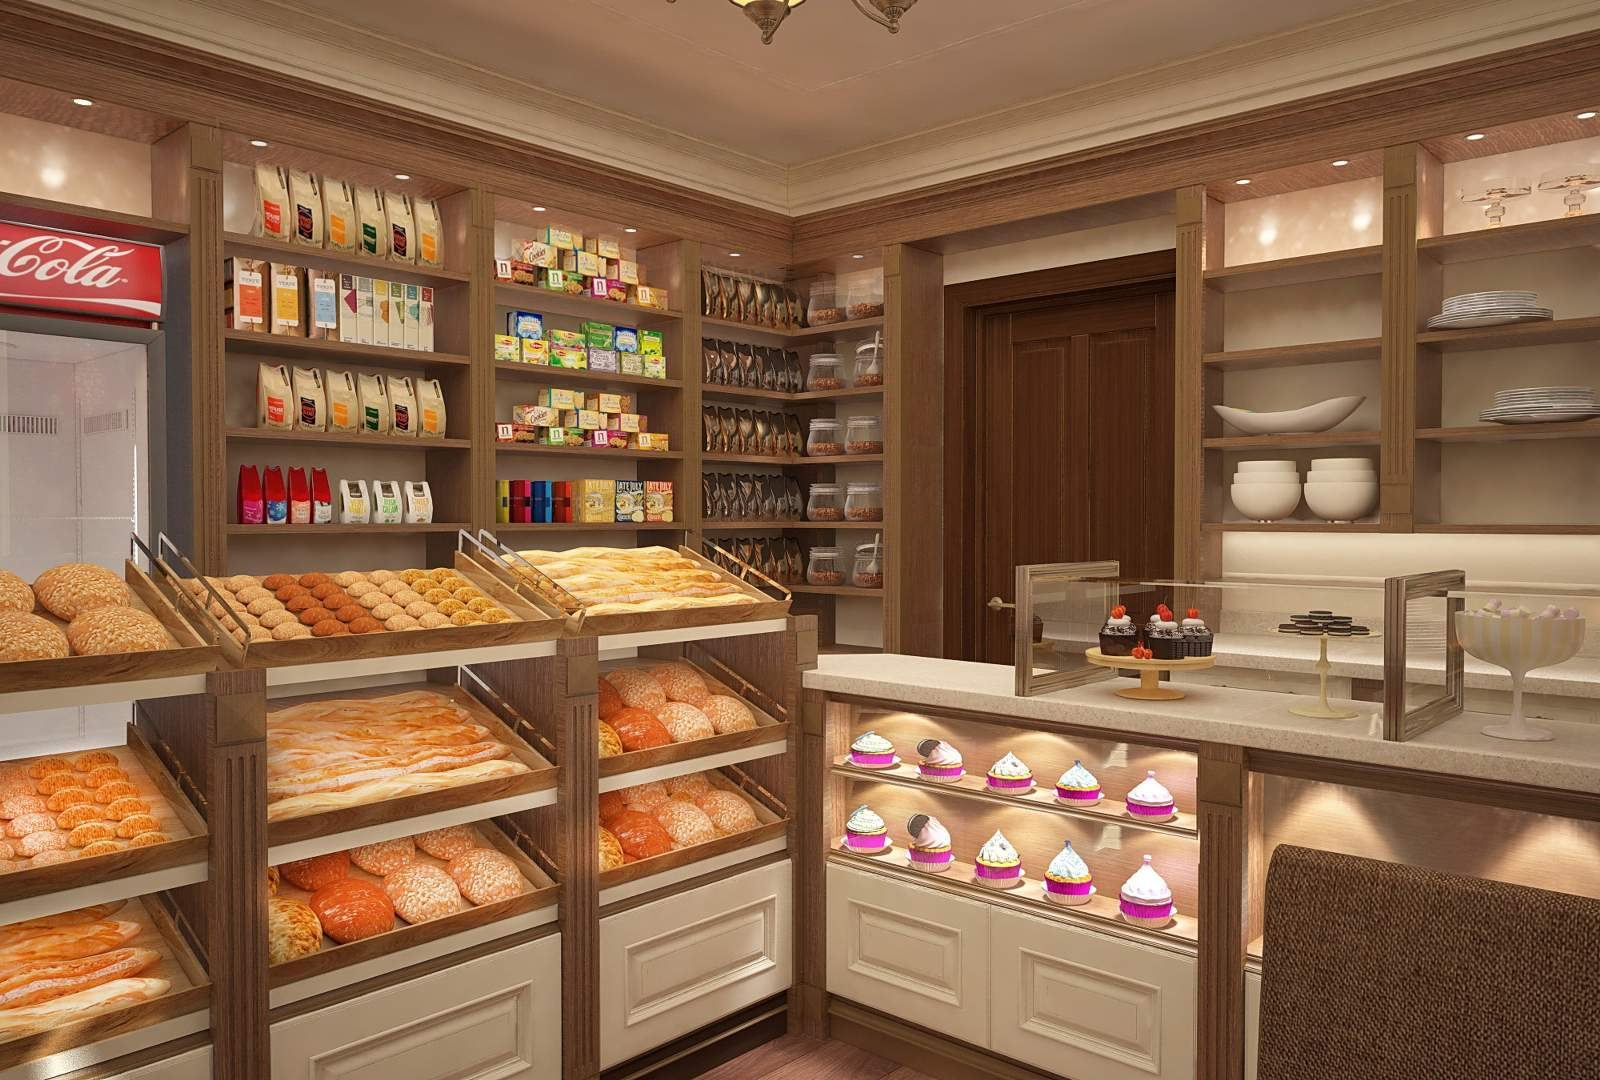 Franz_Sacher_caffe_interior_3-1_1600x1080_1600x1080